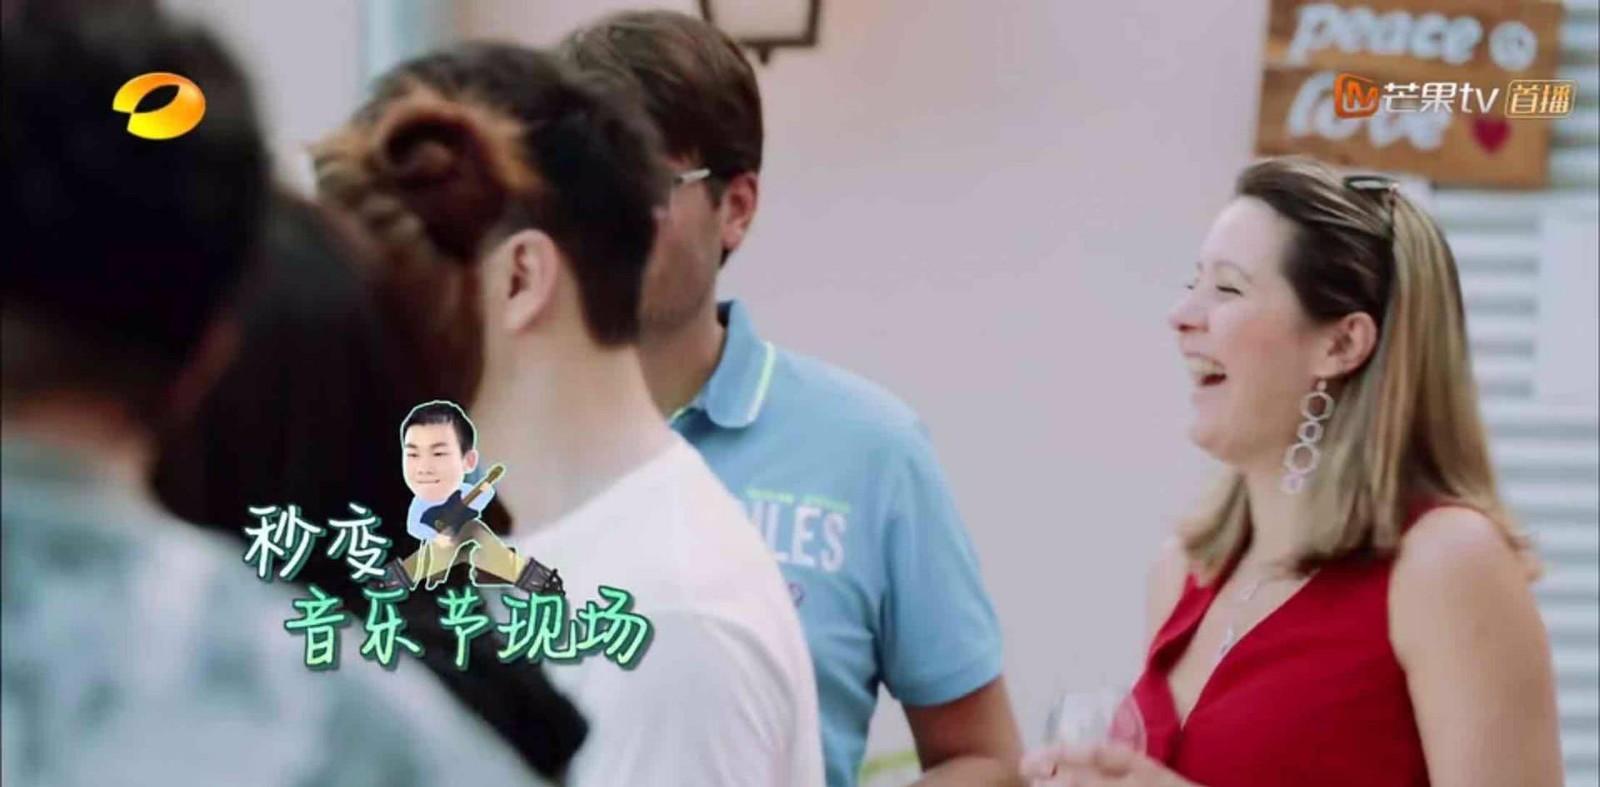 《中餐厅》终于知道白举纲是干什么的了!网友:深藏不露!